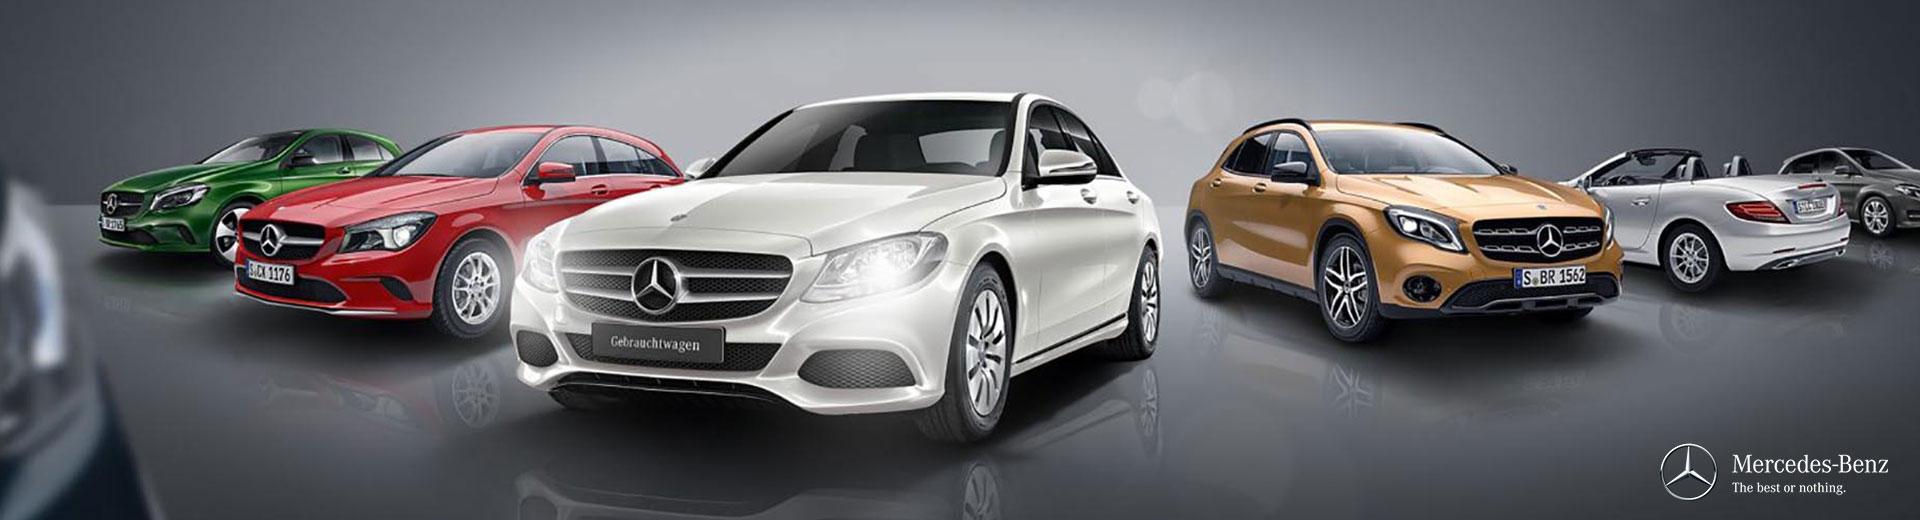 Mercedes-Benz Maemo Motors